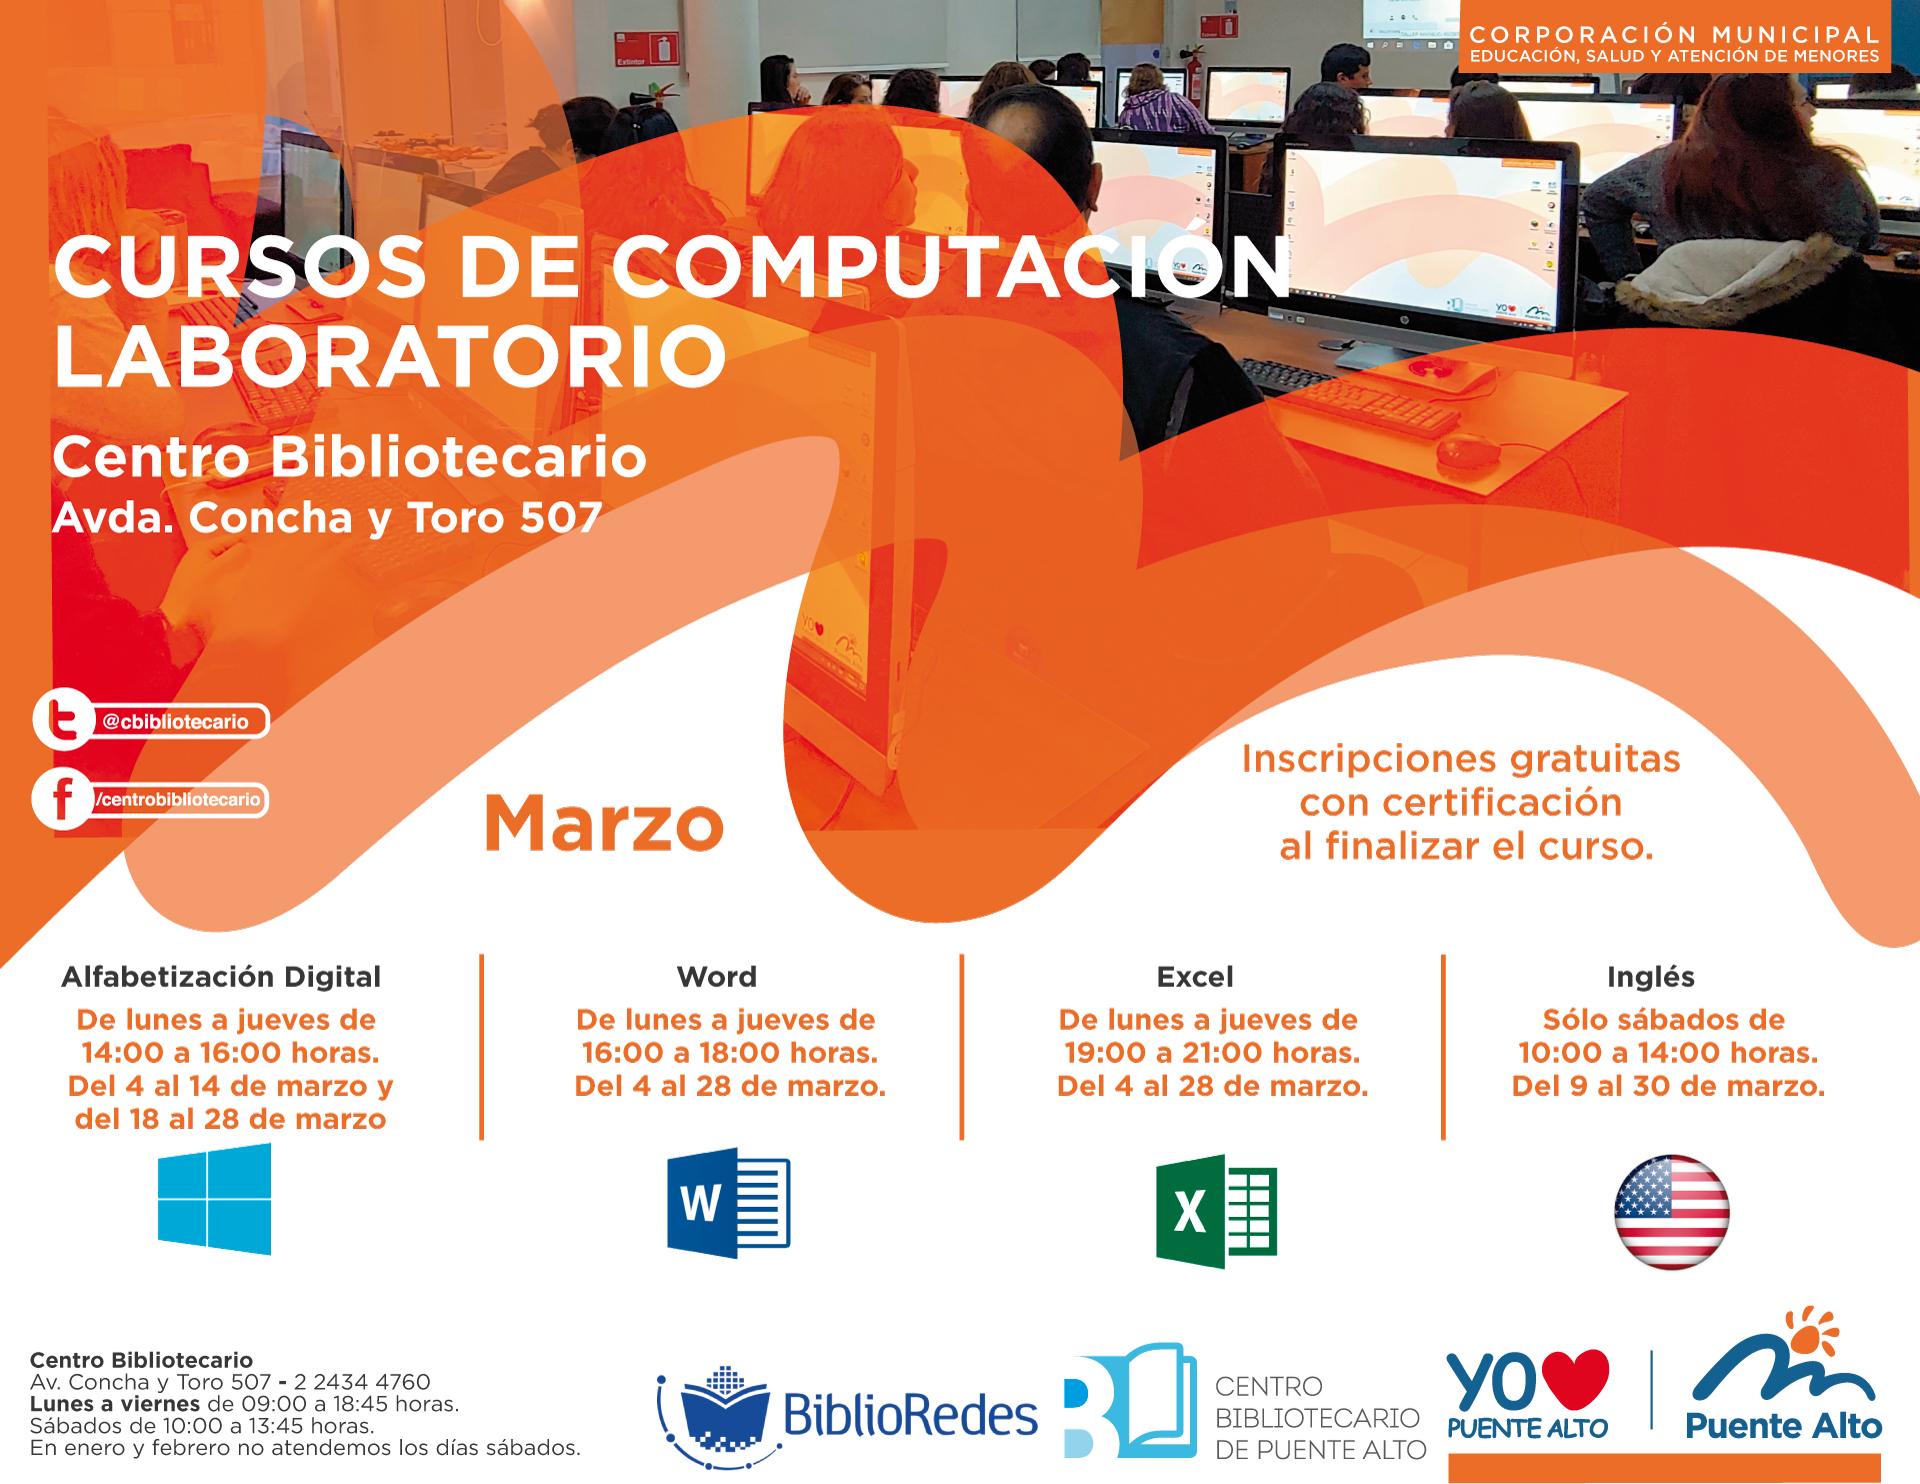 Cursos de Computación Laboratorio Marzo| Biblioteca Central